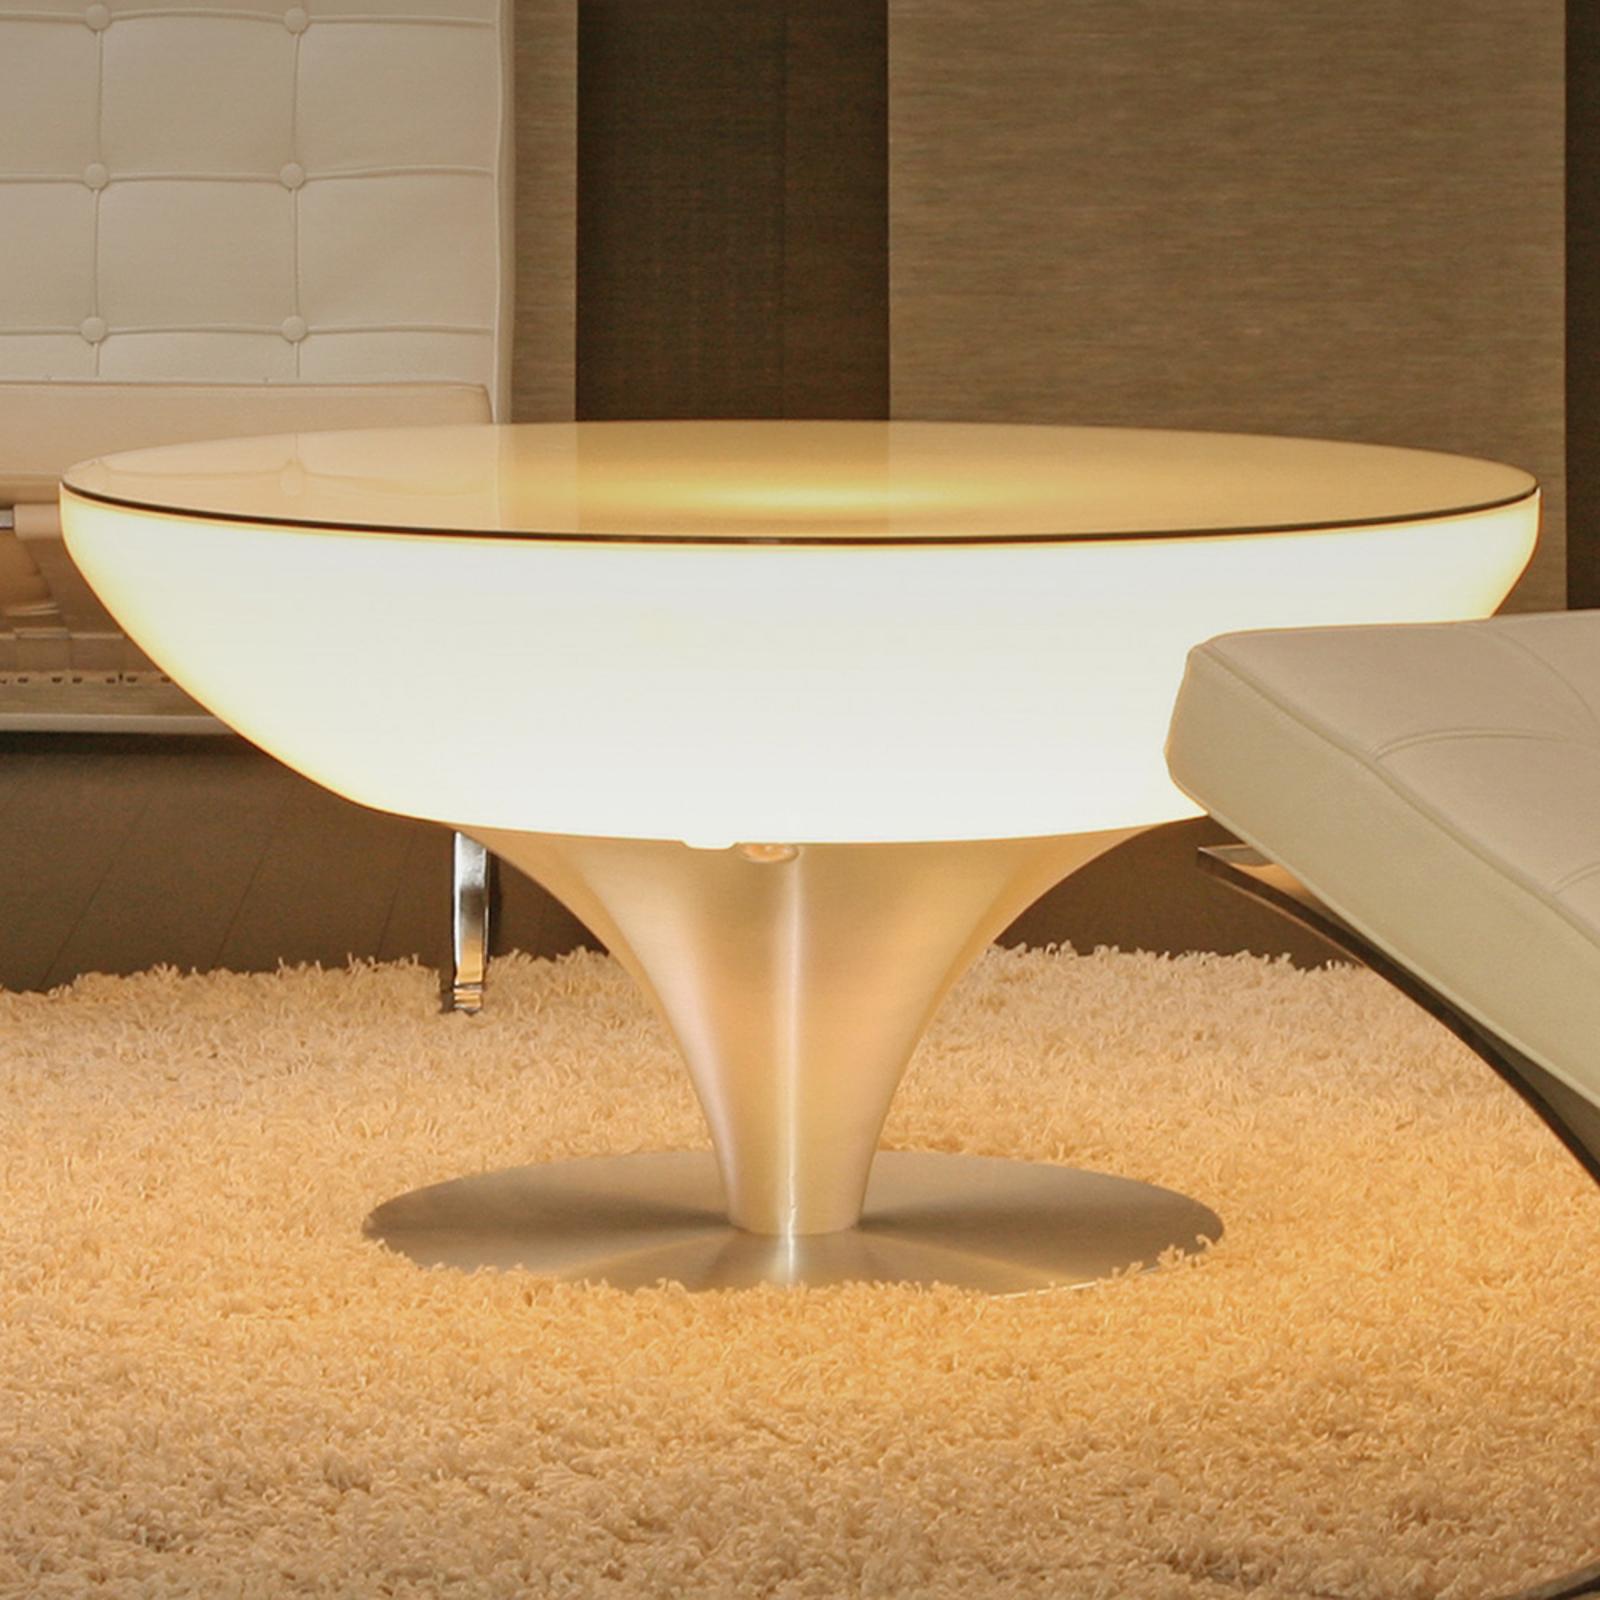 Svietiaci stôl Lounge Table LED Pro Accu_6537048_1